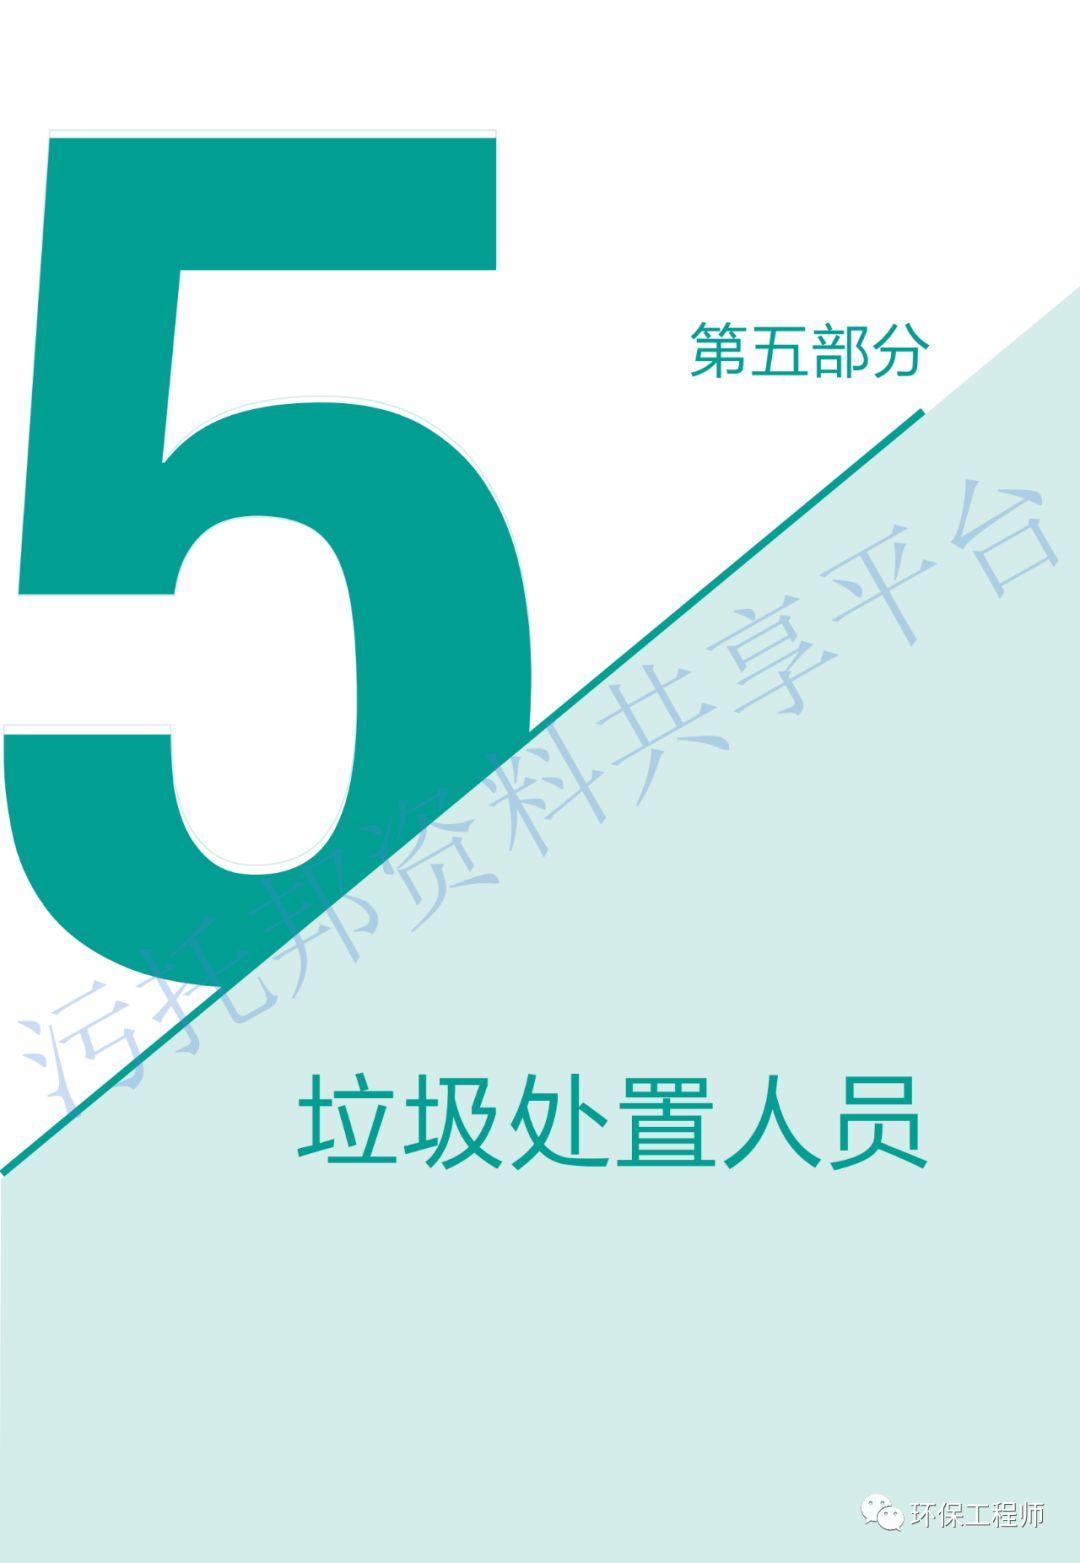 《环保从业人员新型冠状病毒疫情防护手册》_16